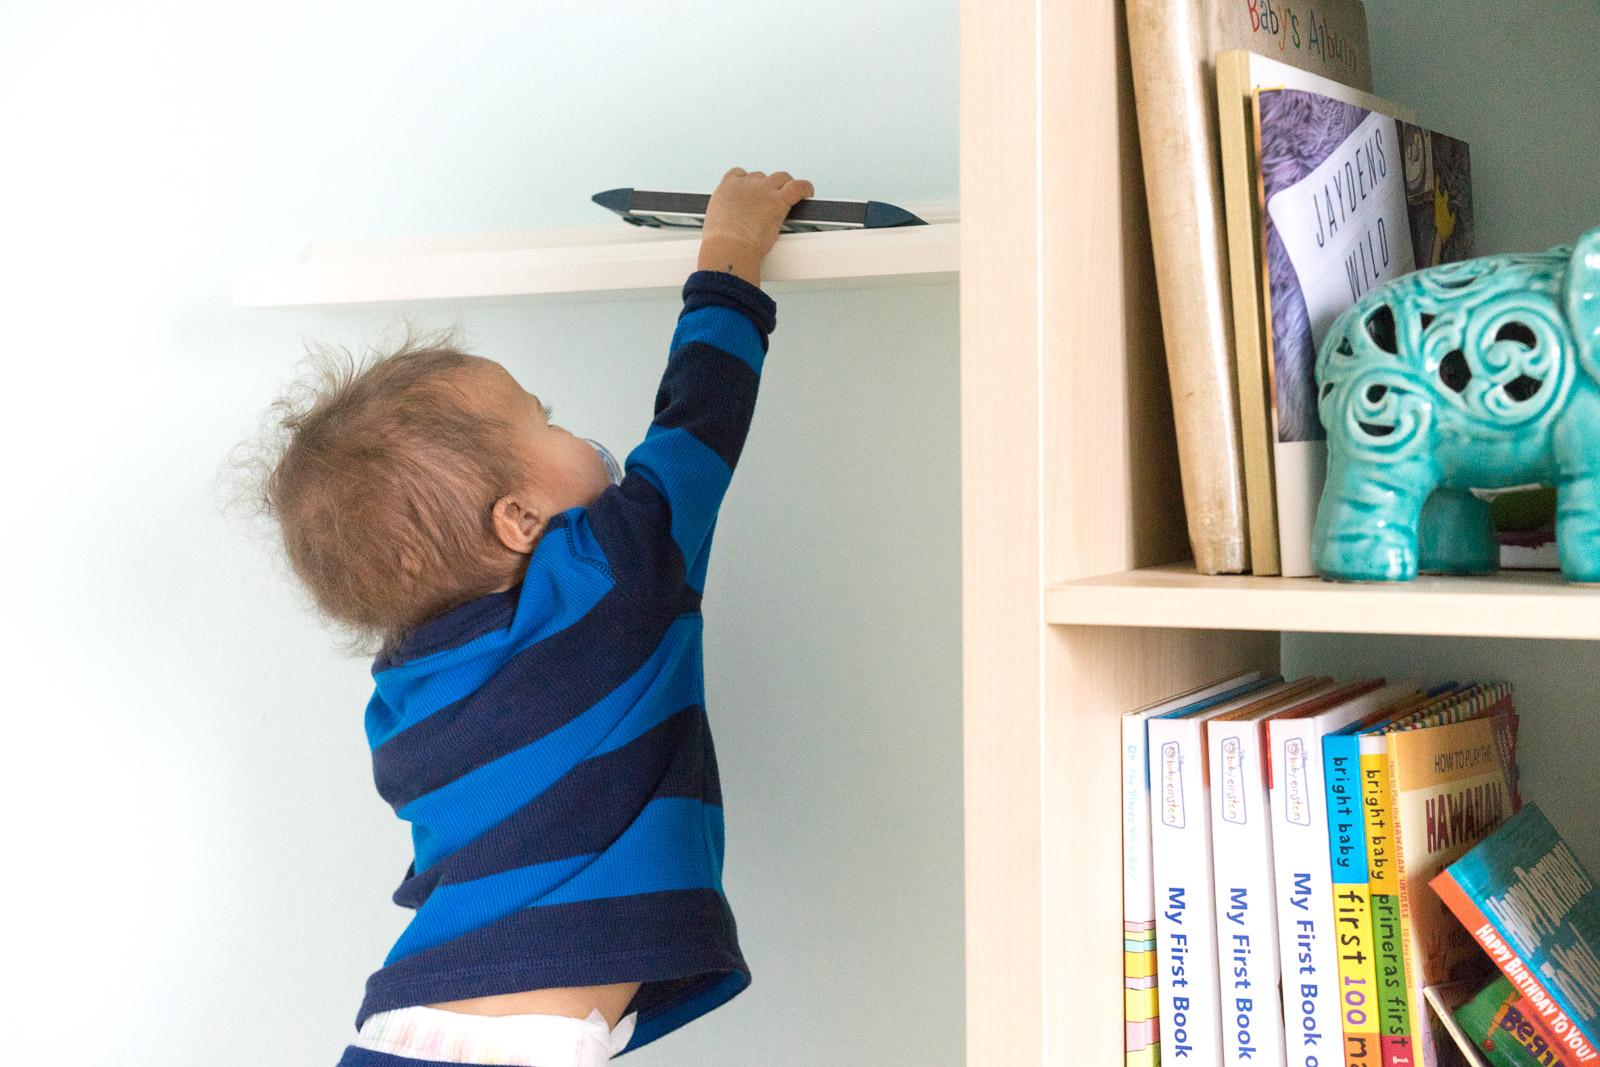 nursery-room_toddler-books_DIY_-book-display-11.jpg